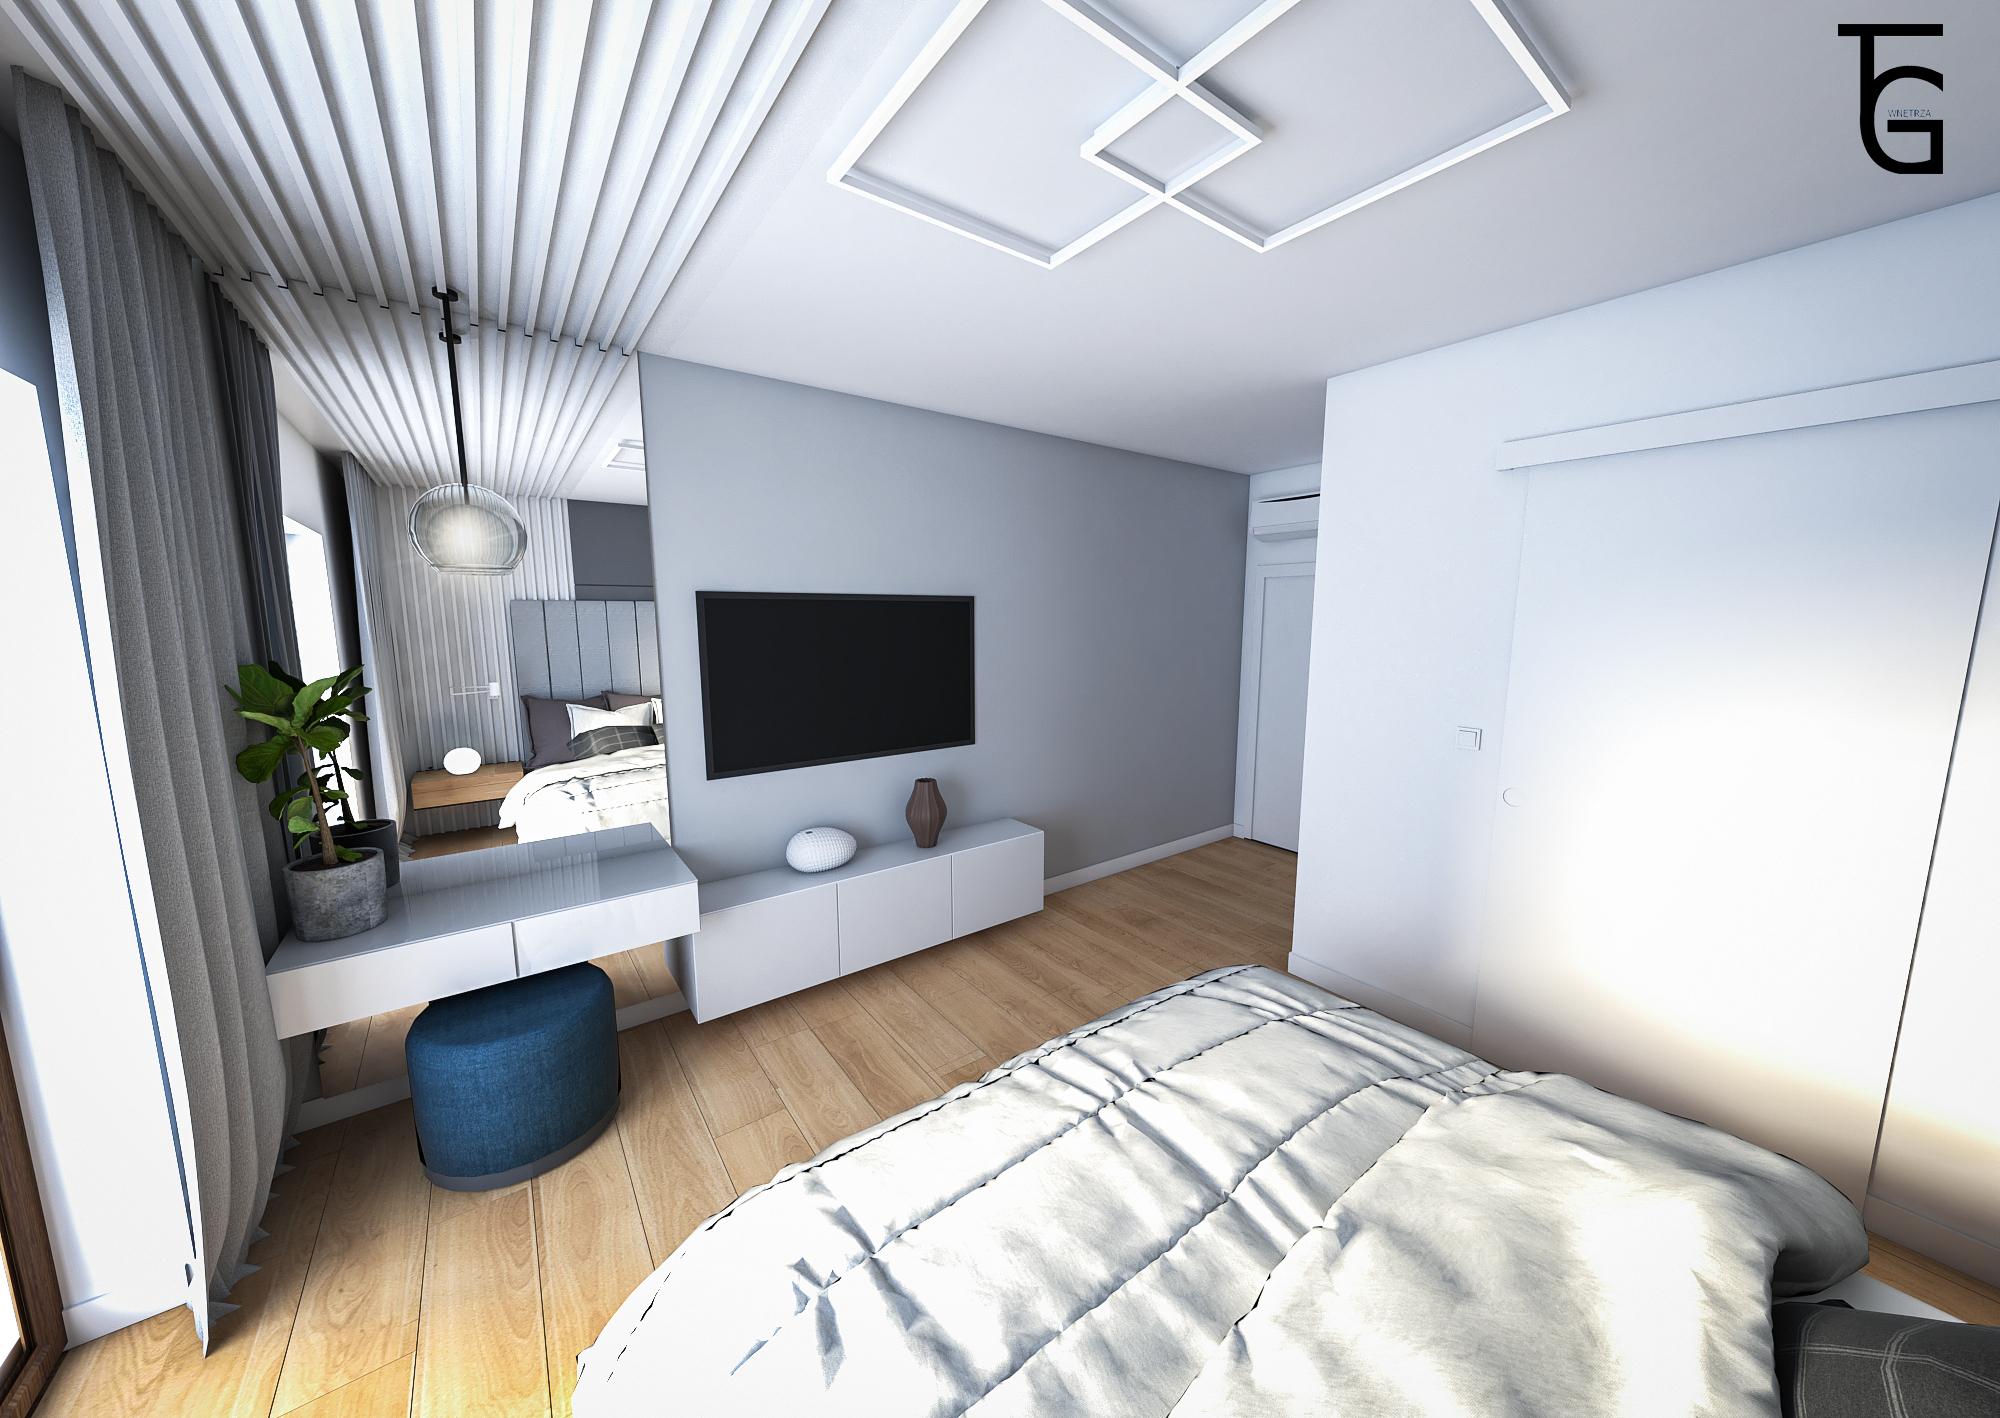 sypialnia widok 5